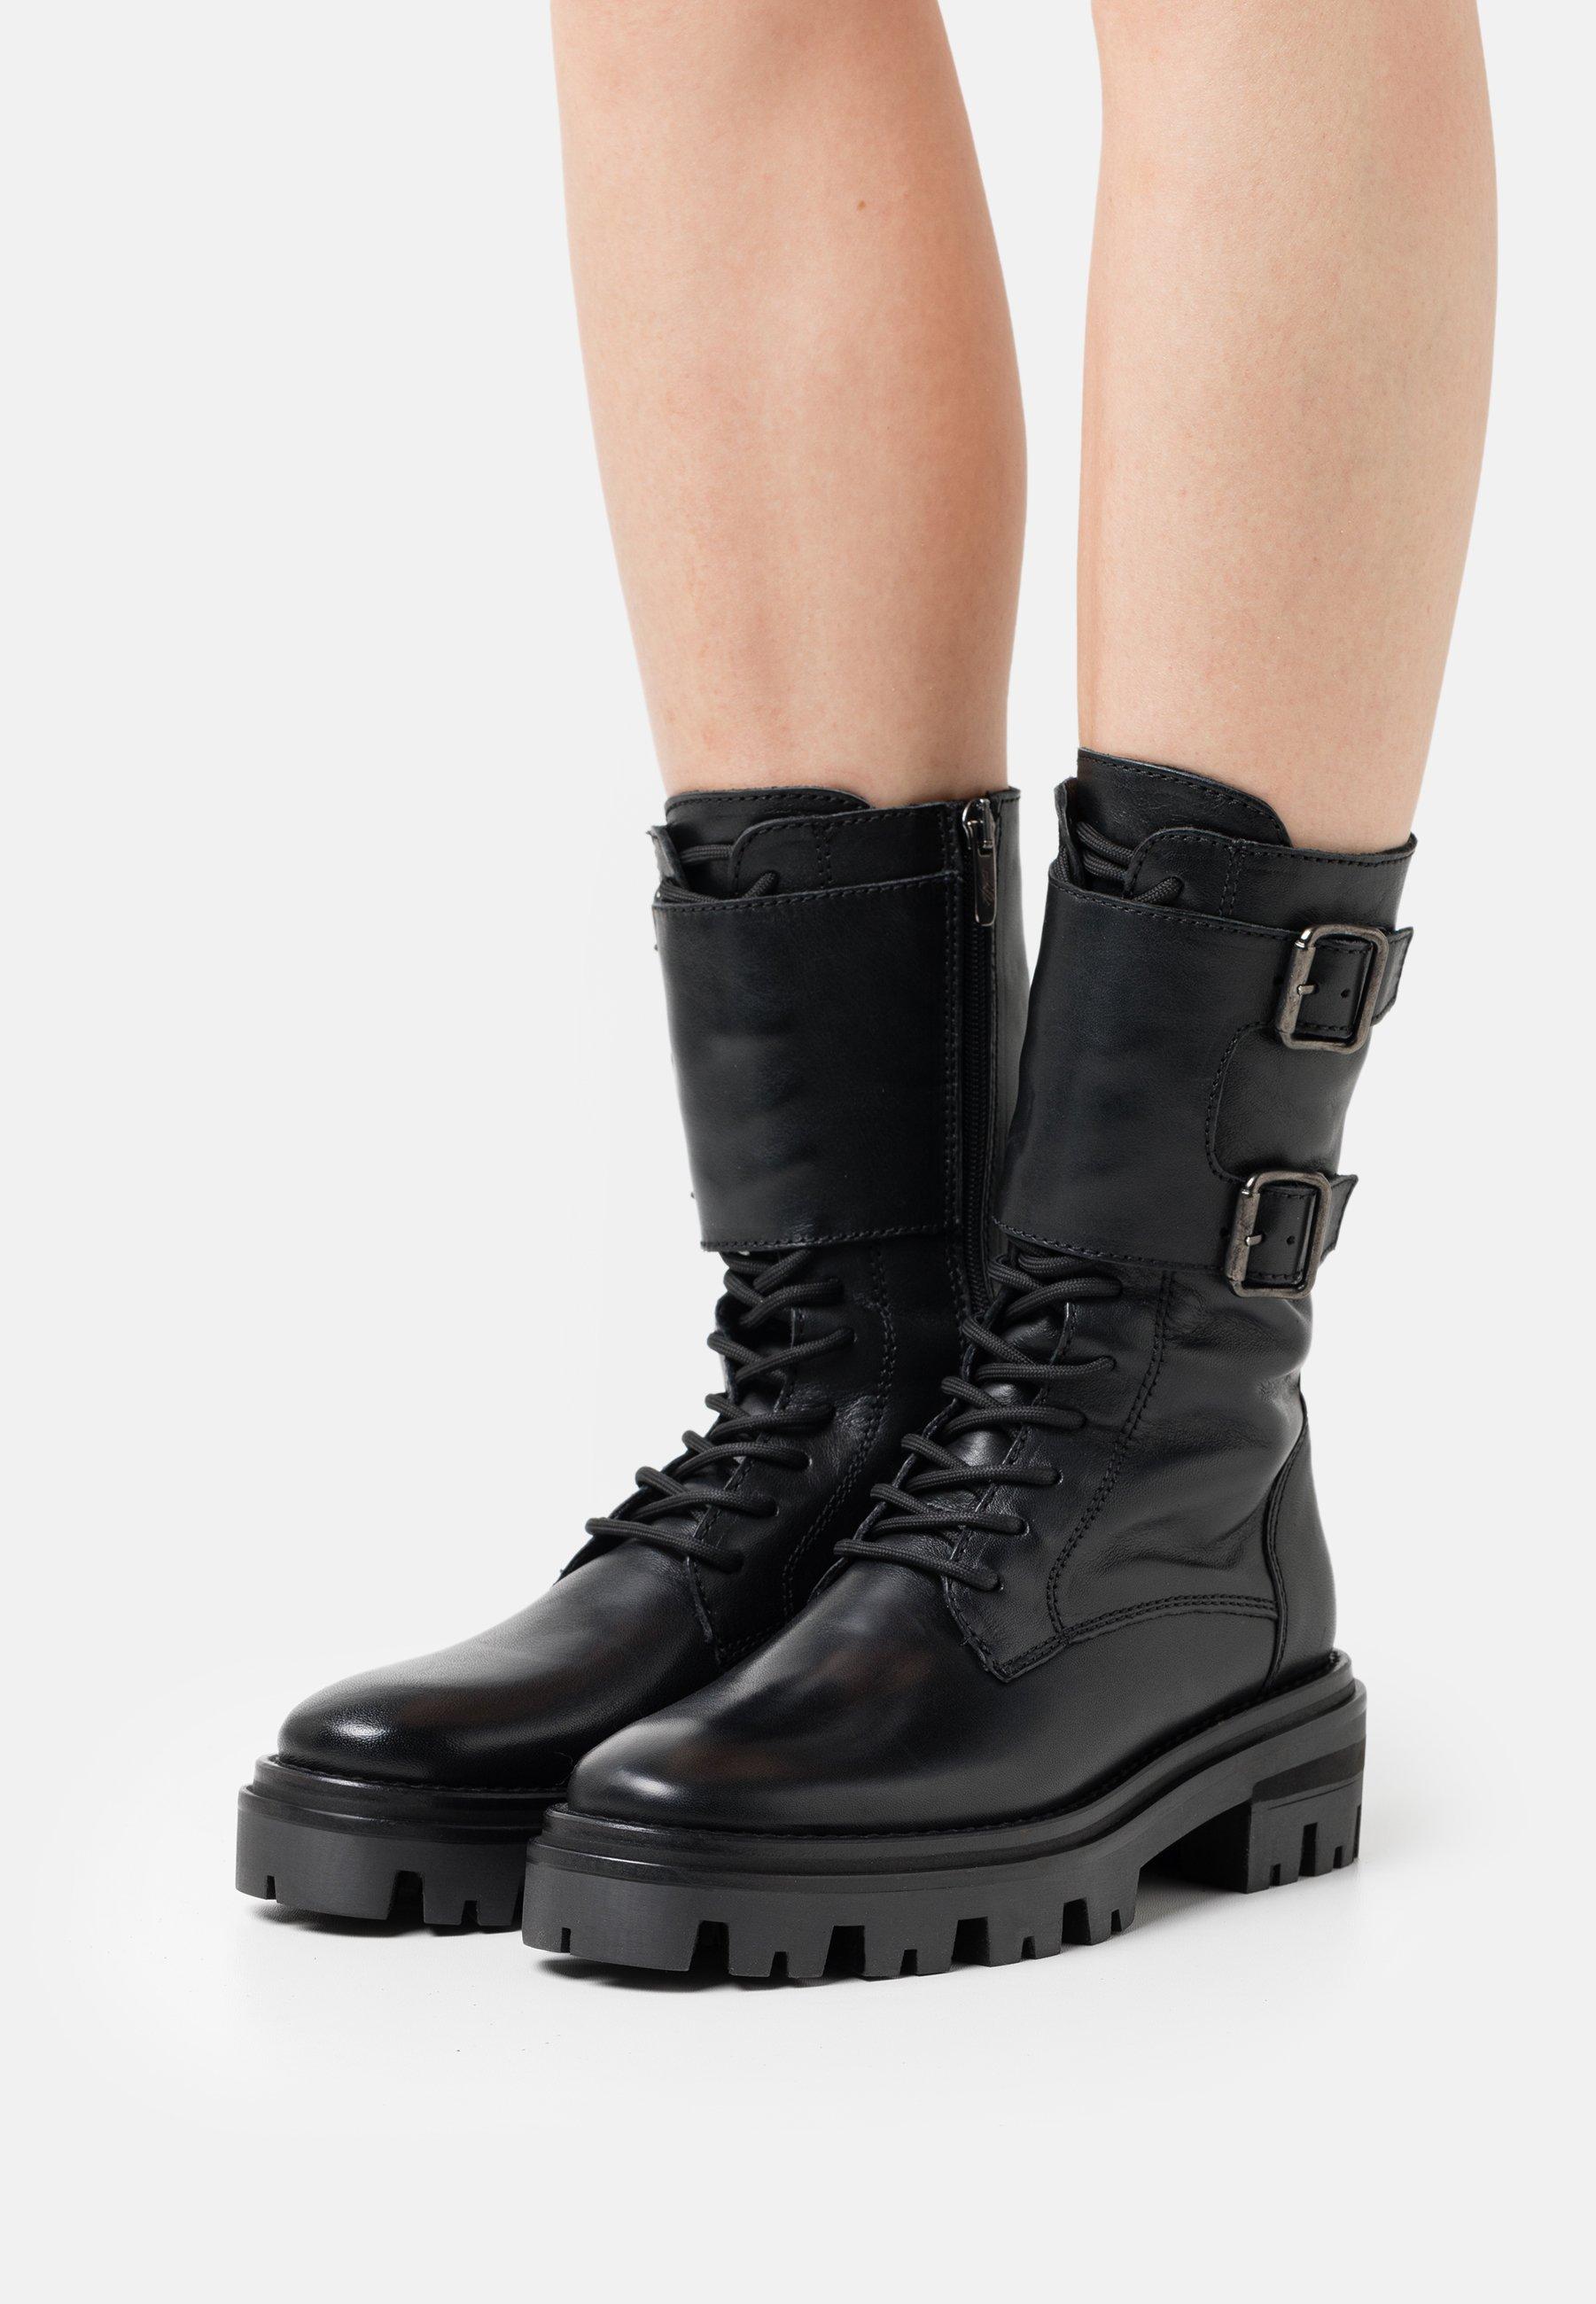 Women MONZA - Lace-up boots - black